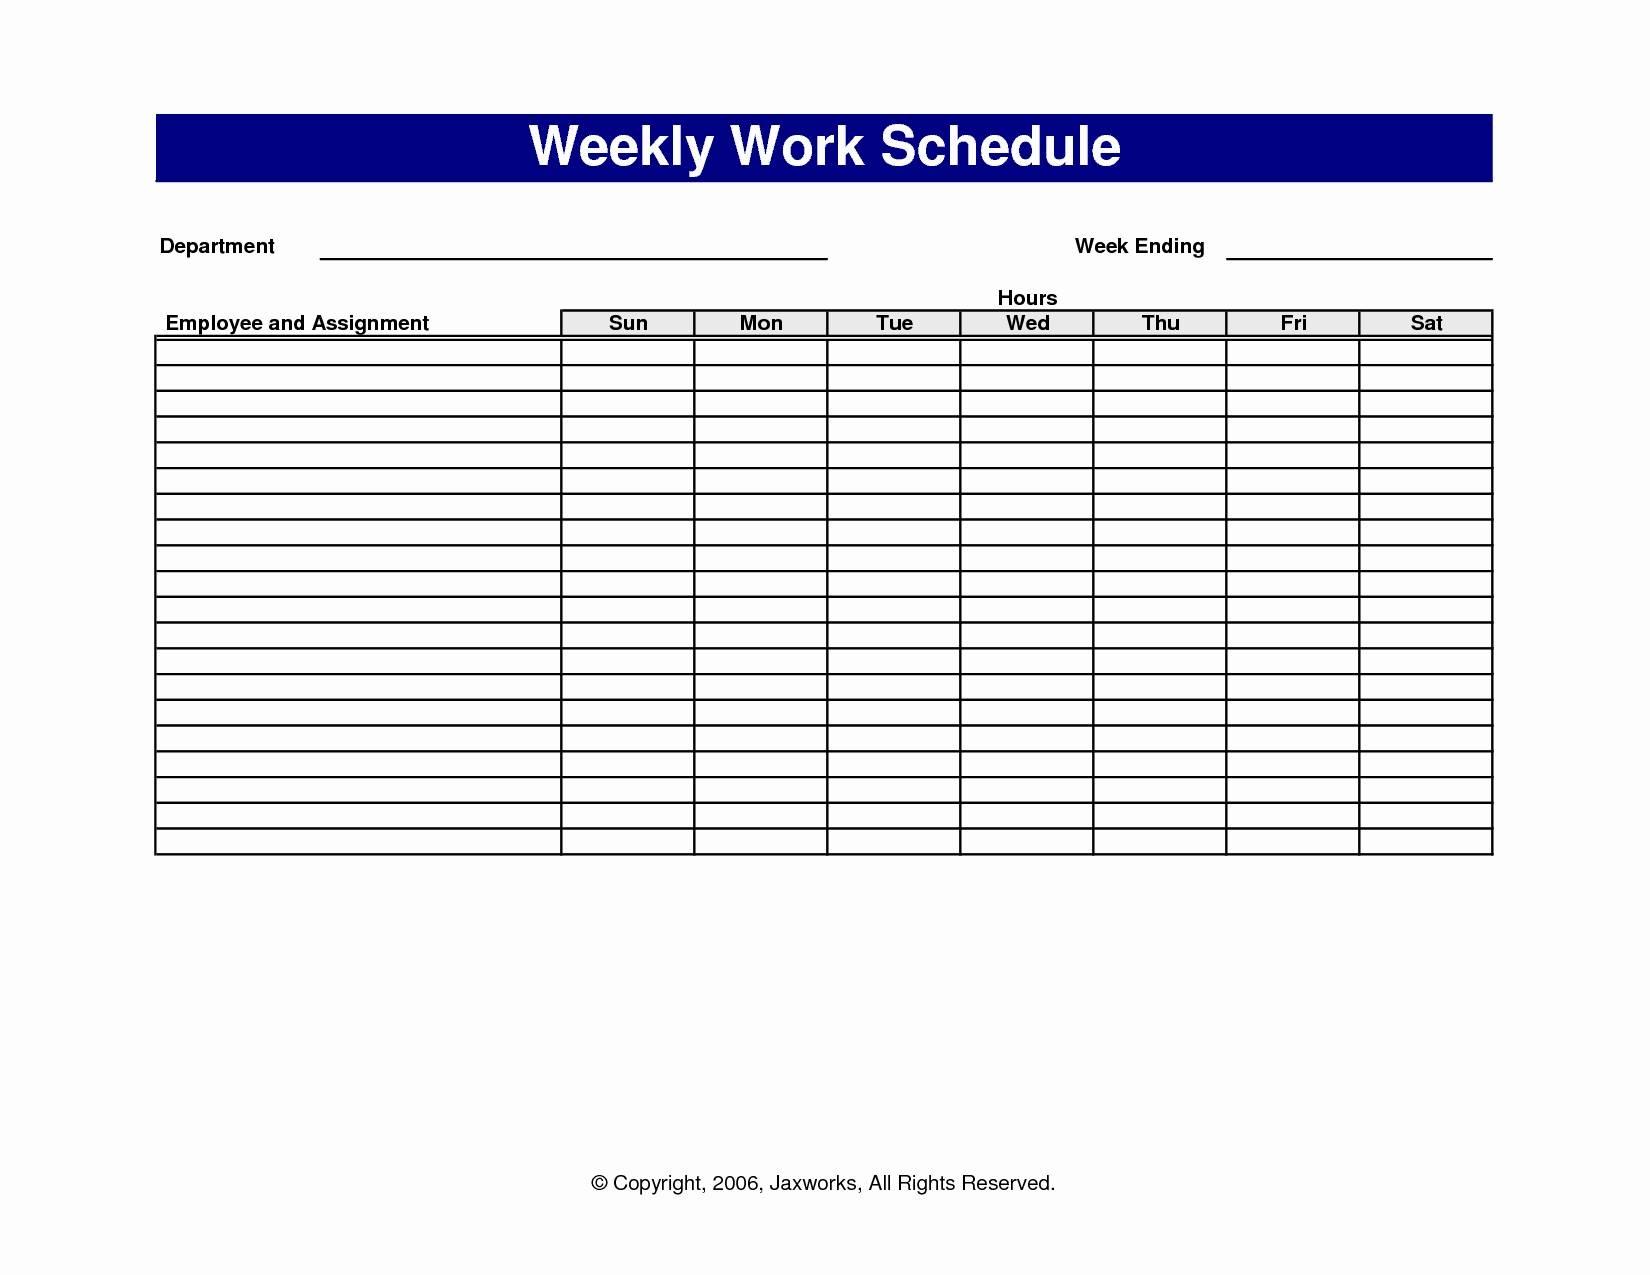 Blank Printable Weekly Schedule Template Awesome Sample Schedules  Printable Blank Weekly Employee Schedule